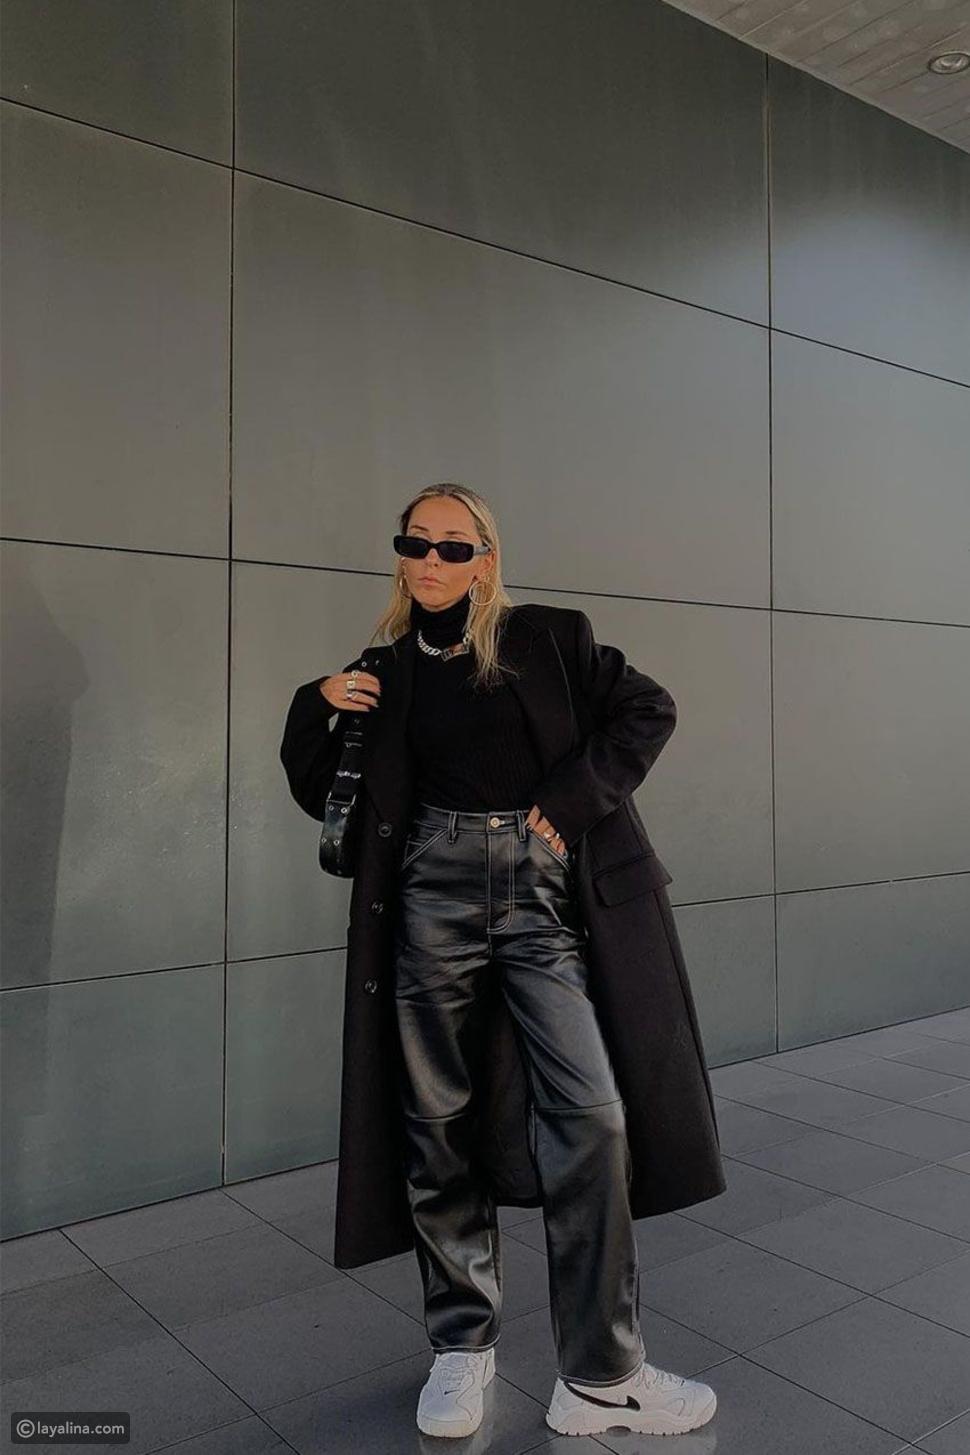 إطلالة أنيقة باللون الأسود مع معطف طويل وبنطلون جلد واسع